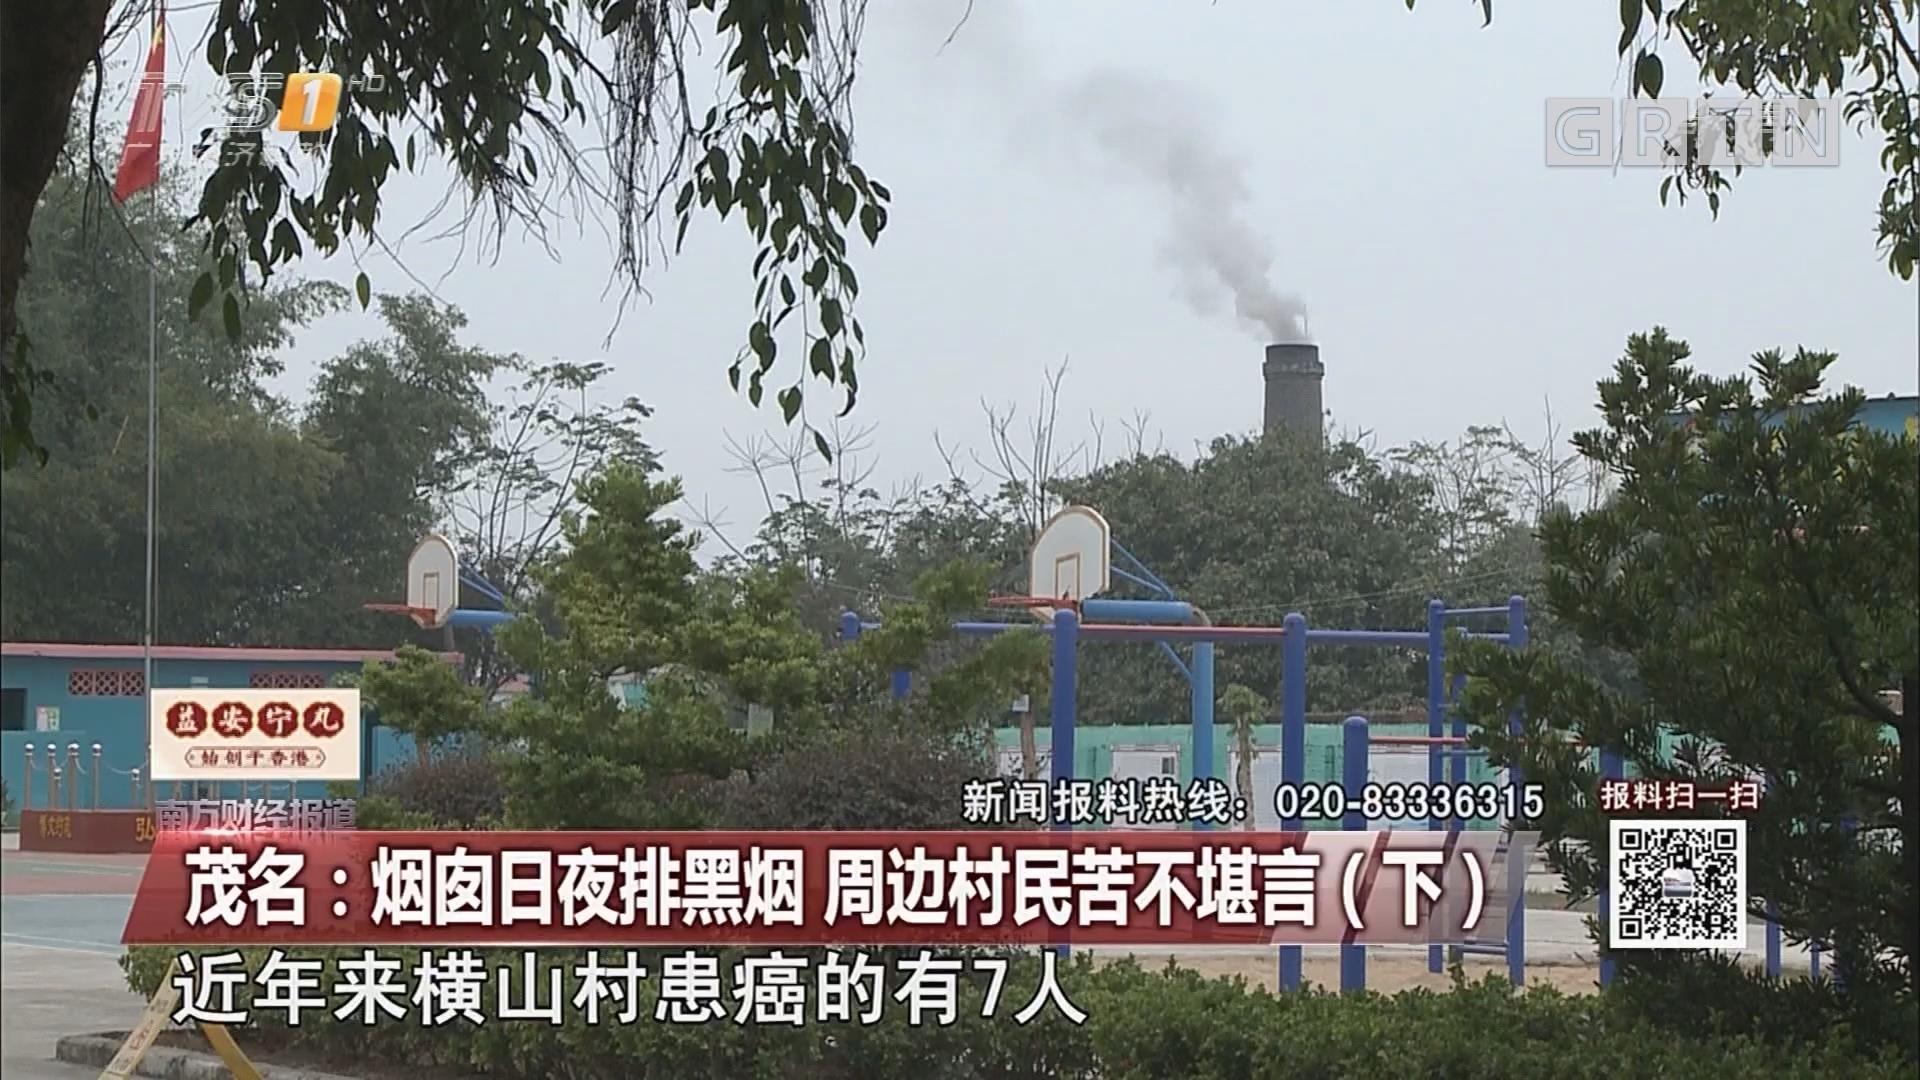 茂名:烟囱日夜排黑烟 周边村民苦不堪言(下)